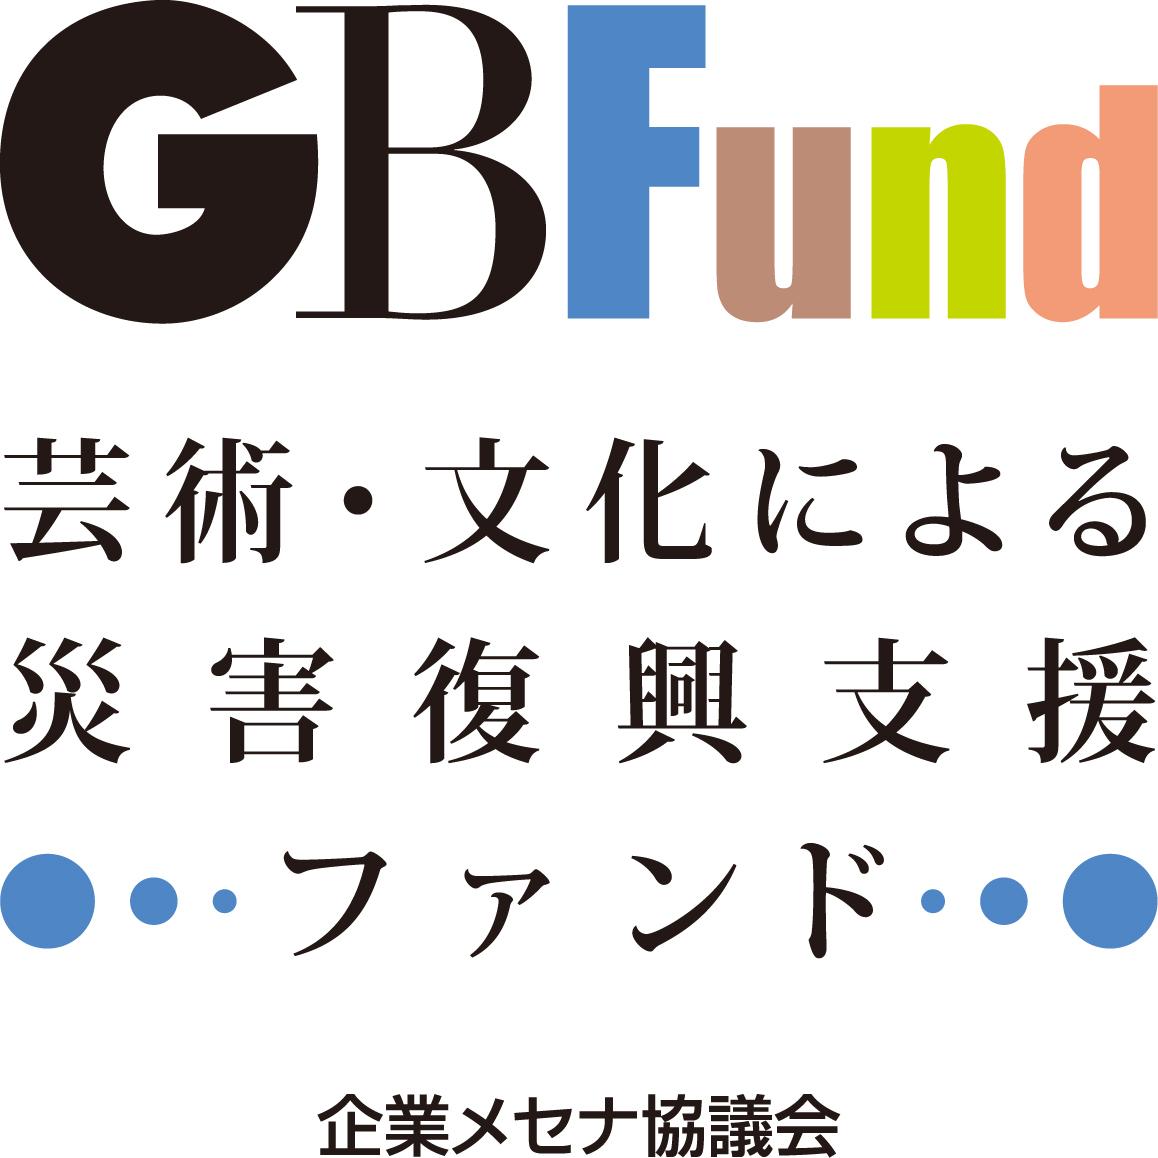 GBFundが全国の被災各地を支援する災害復興支援ファンドとして発展・継続